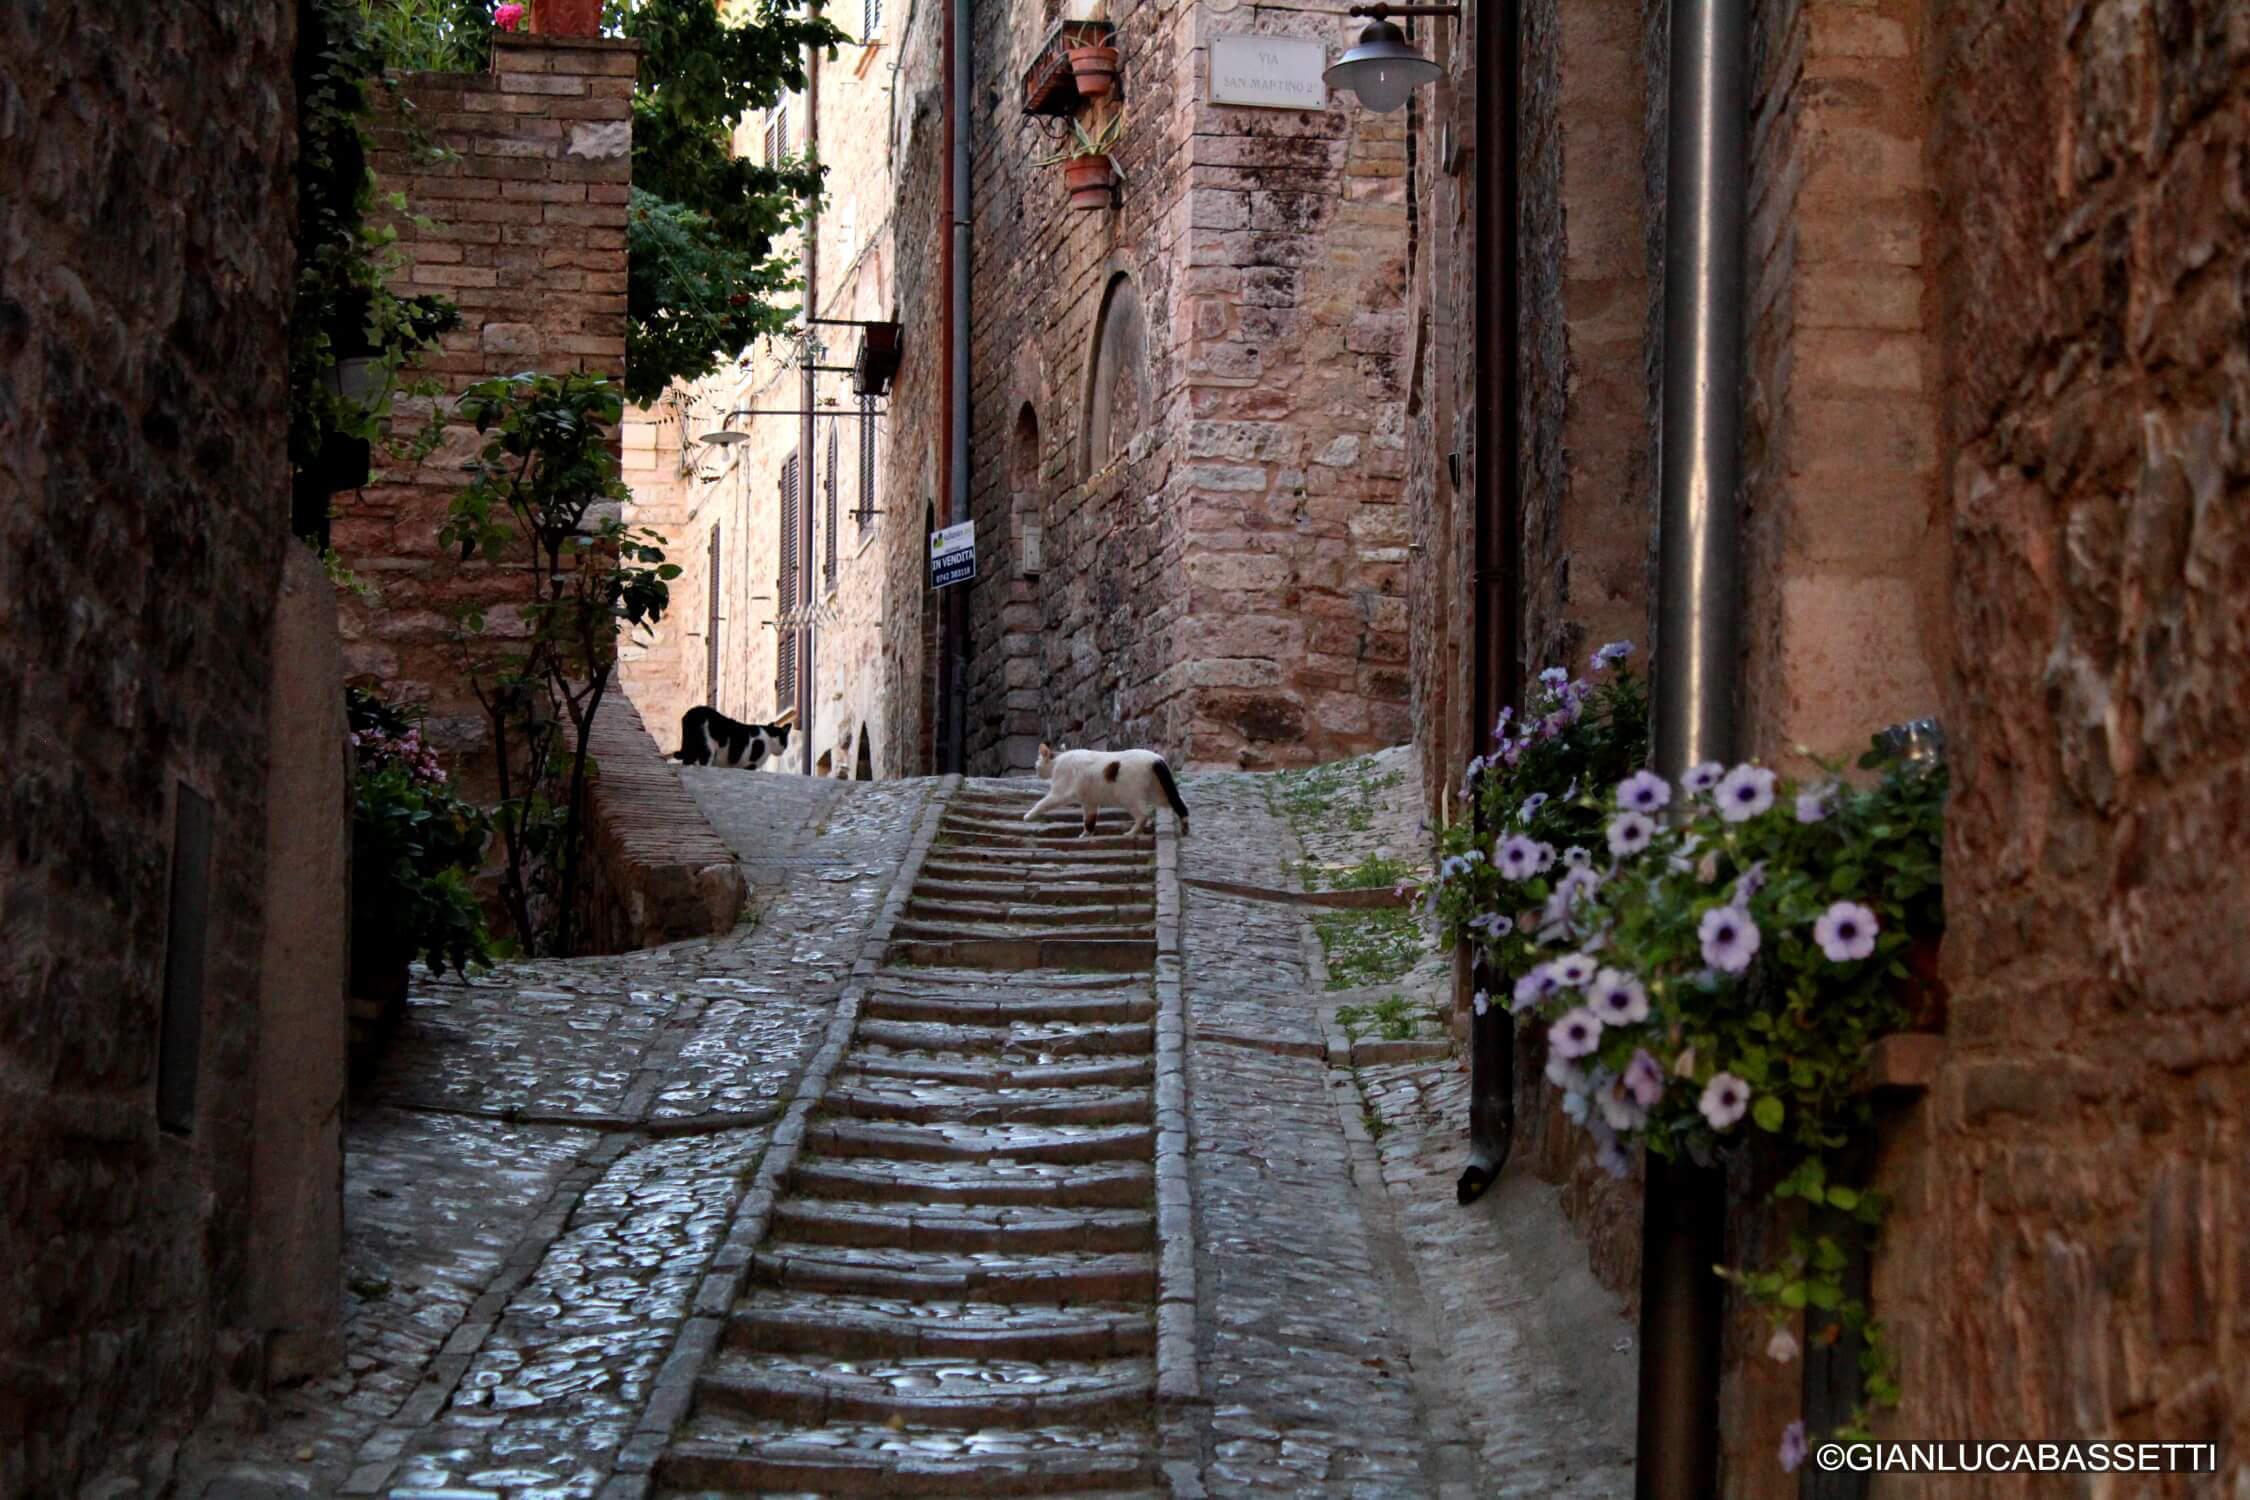 koty we włoskiej uliczce